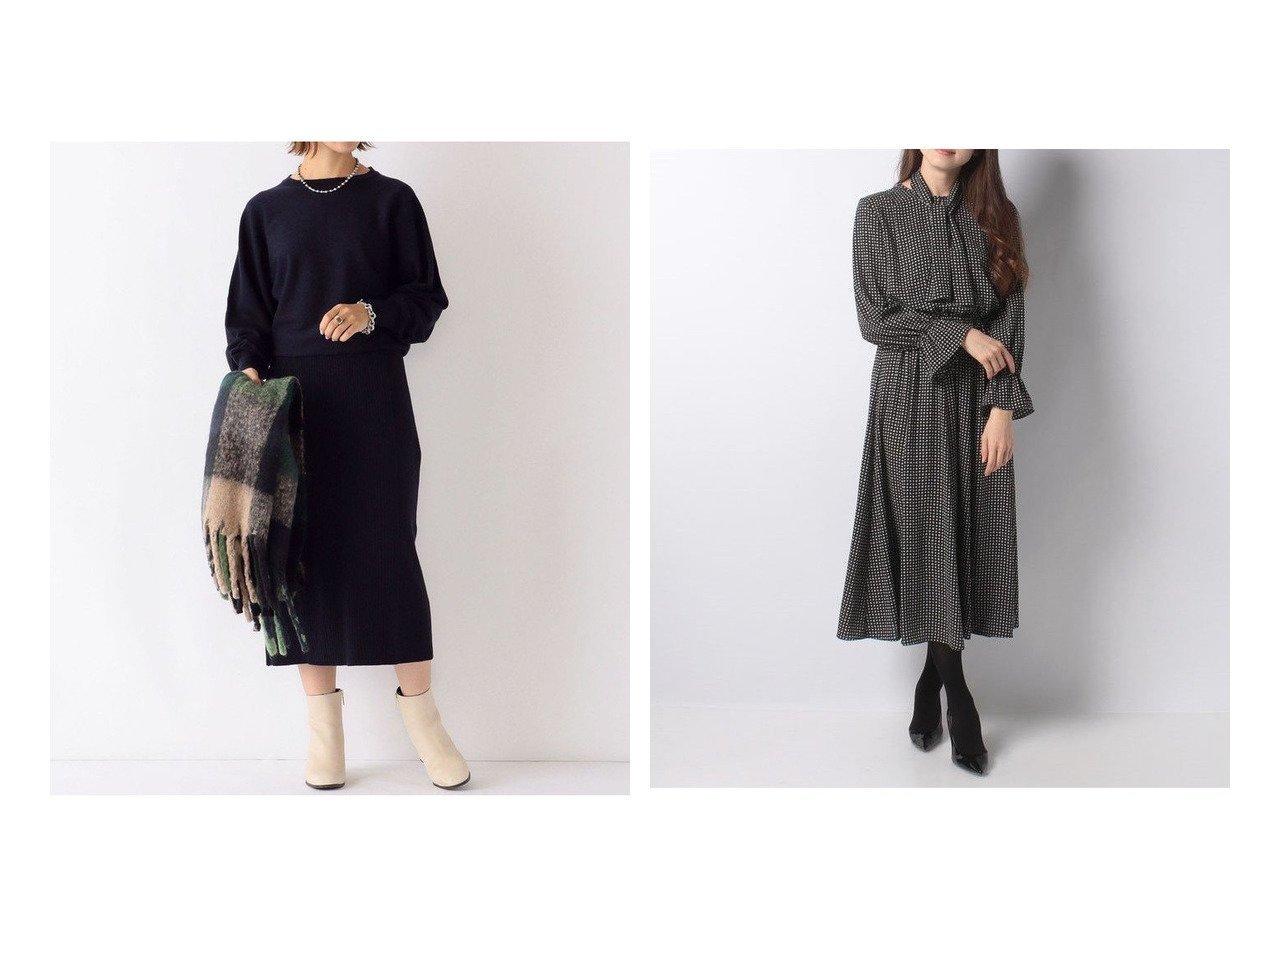 【ANAYI/アナイ】のモノトーンプリントフレアワンピース&【SHIPS any/シップス エニィ】のSHIPS any:ブラウジング ニットワンピース ワンピース・ドレスのおすすめ!人気、レディースファッションの通販  おすすめで人気のファッション通販商品 インテリア・家具・キッズファッション・メンズファッション・レディースファッション・服の通販 founy(ファニー) https://founy.com/ ファッション Fashion レディース WOMEN ワンピース Dress ニットワンピース Knit Dresses ショート スニーカー センター ブラウジング  ID:crp329100000003338